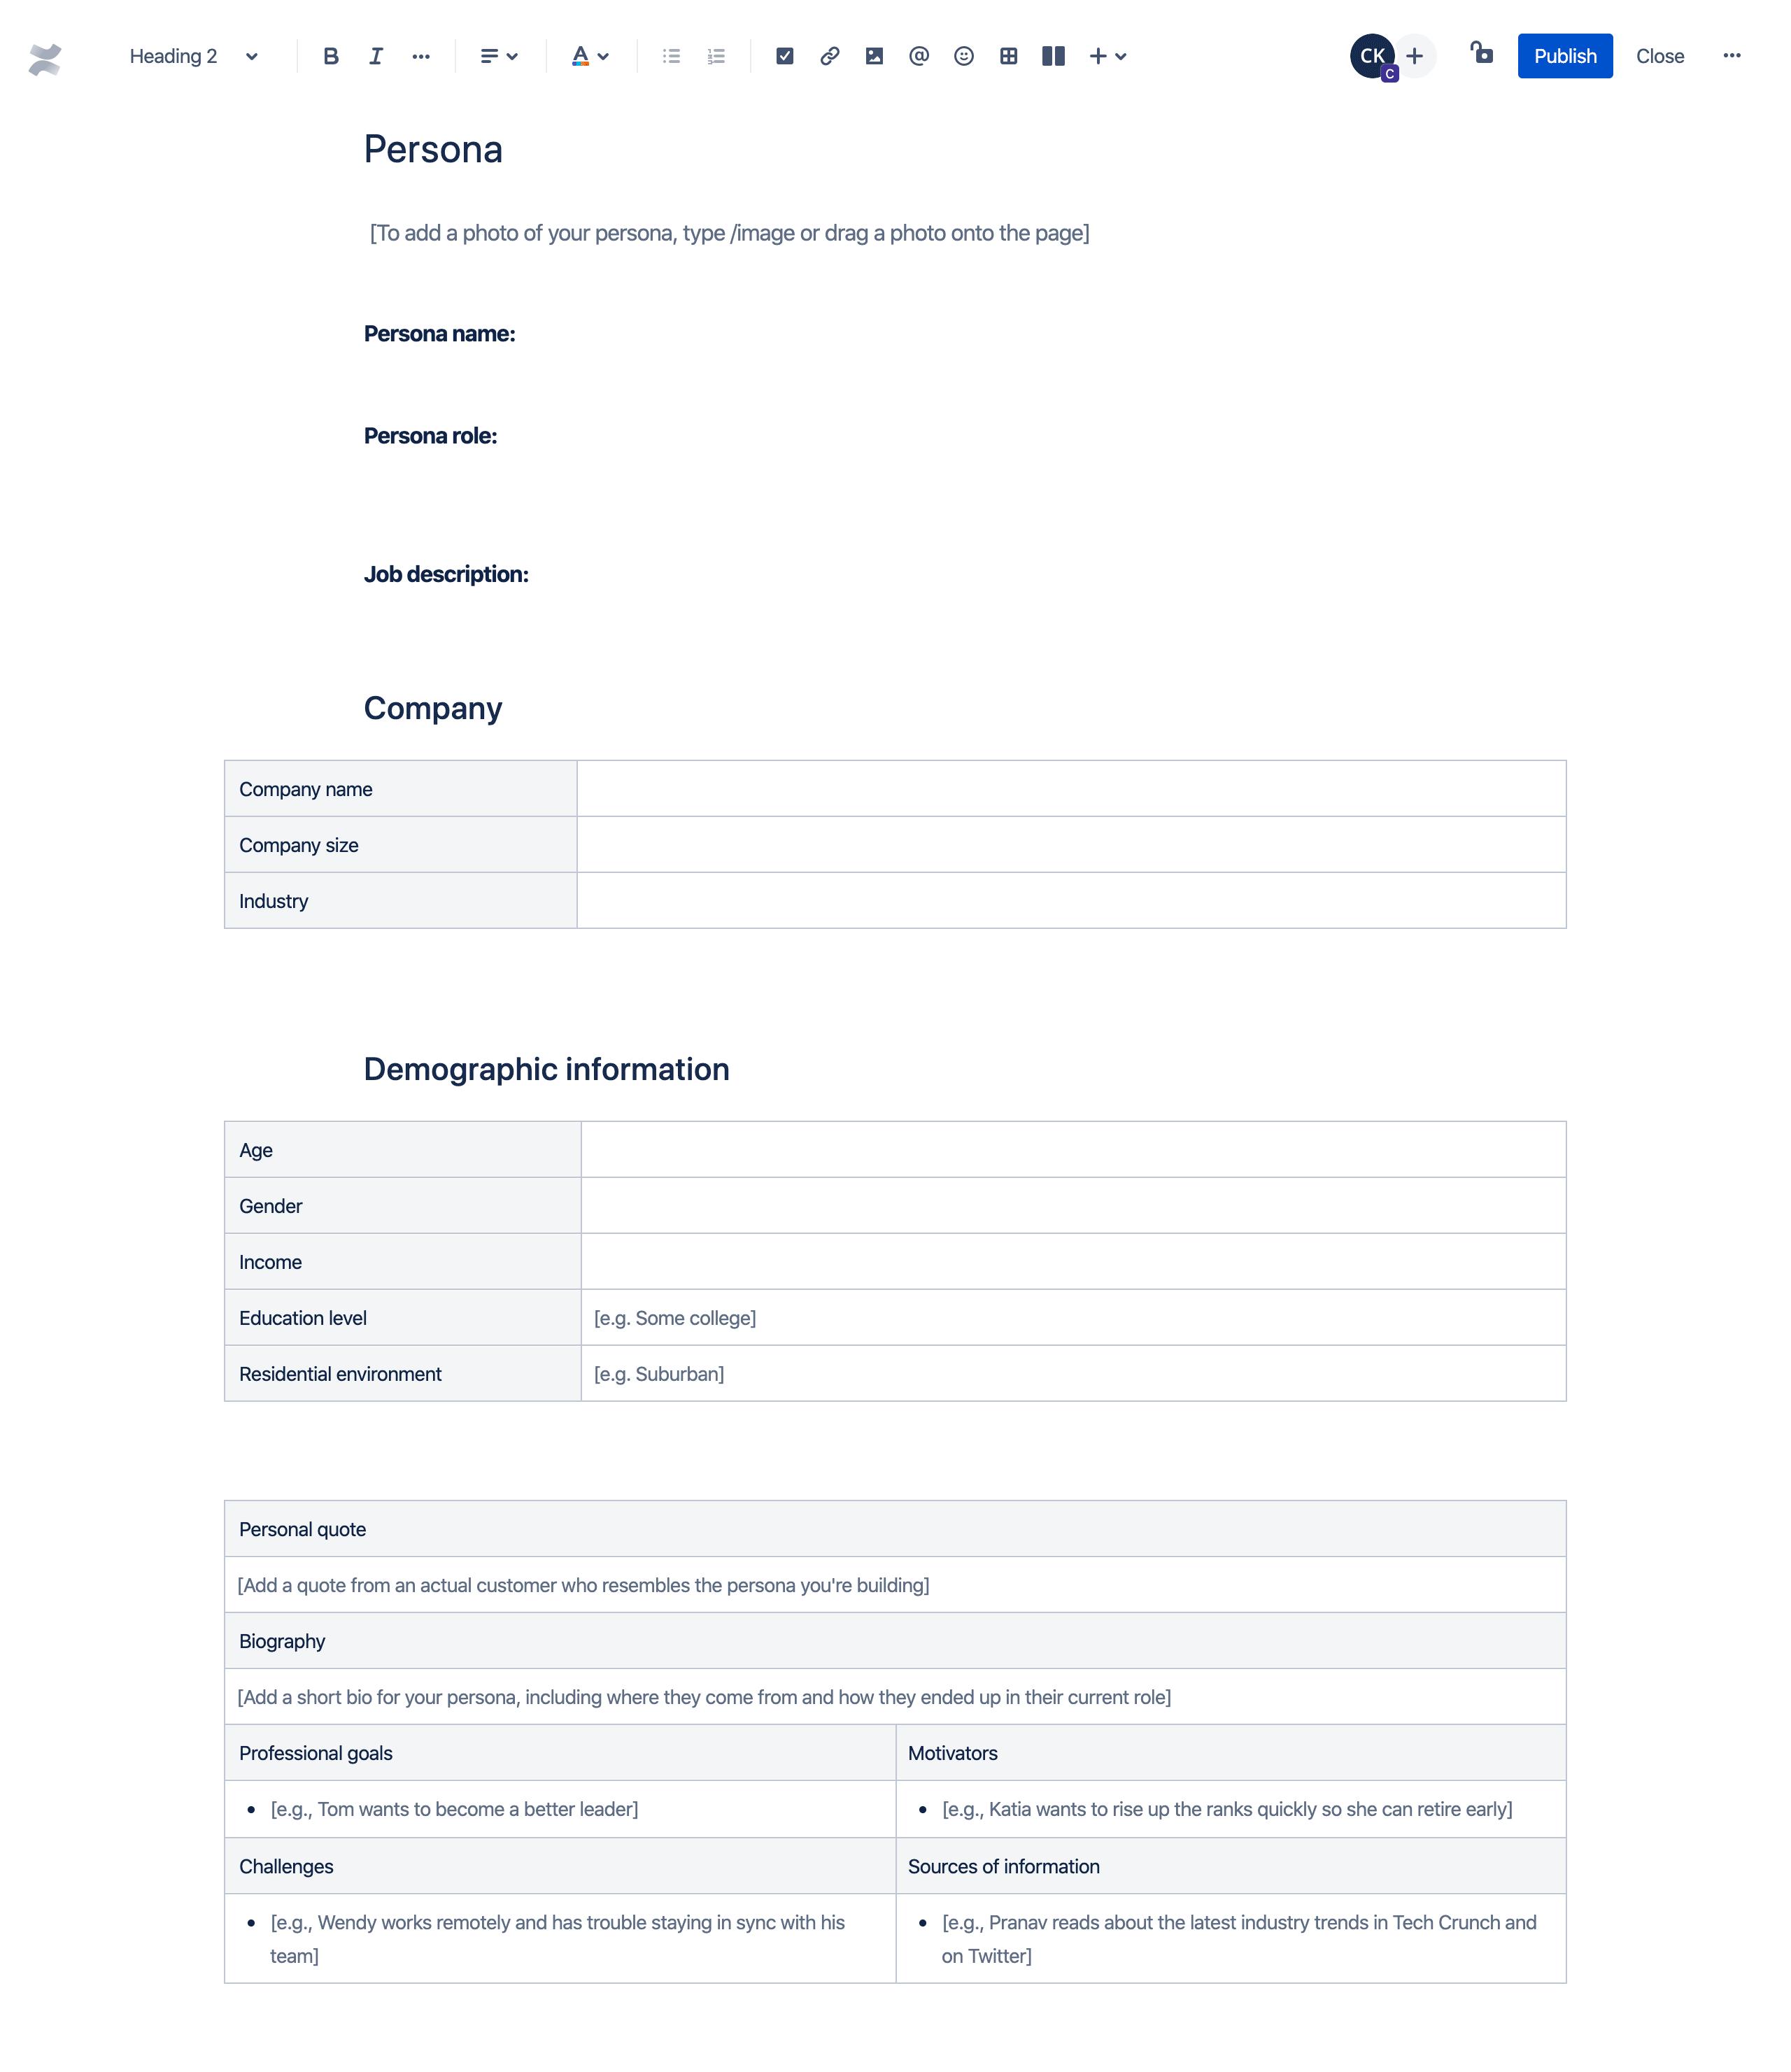 Шаблон типа клиента